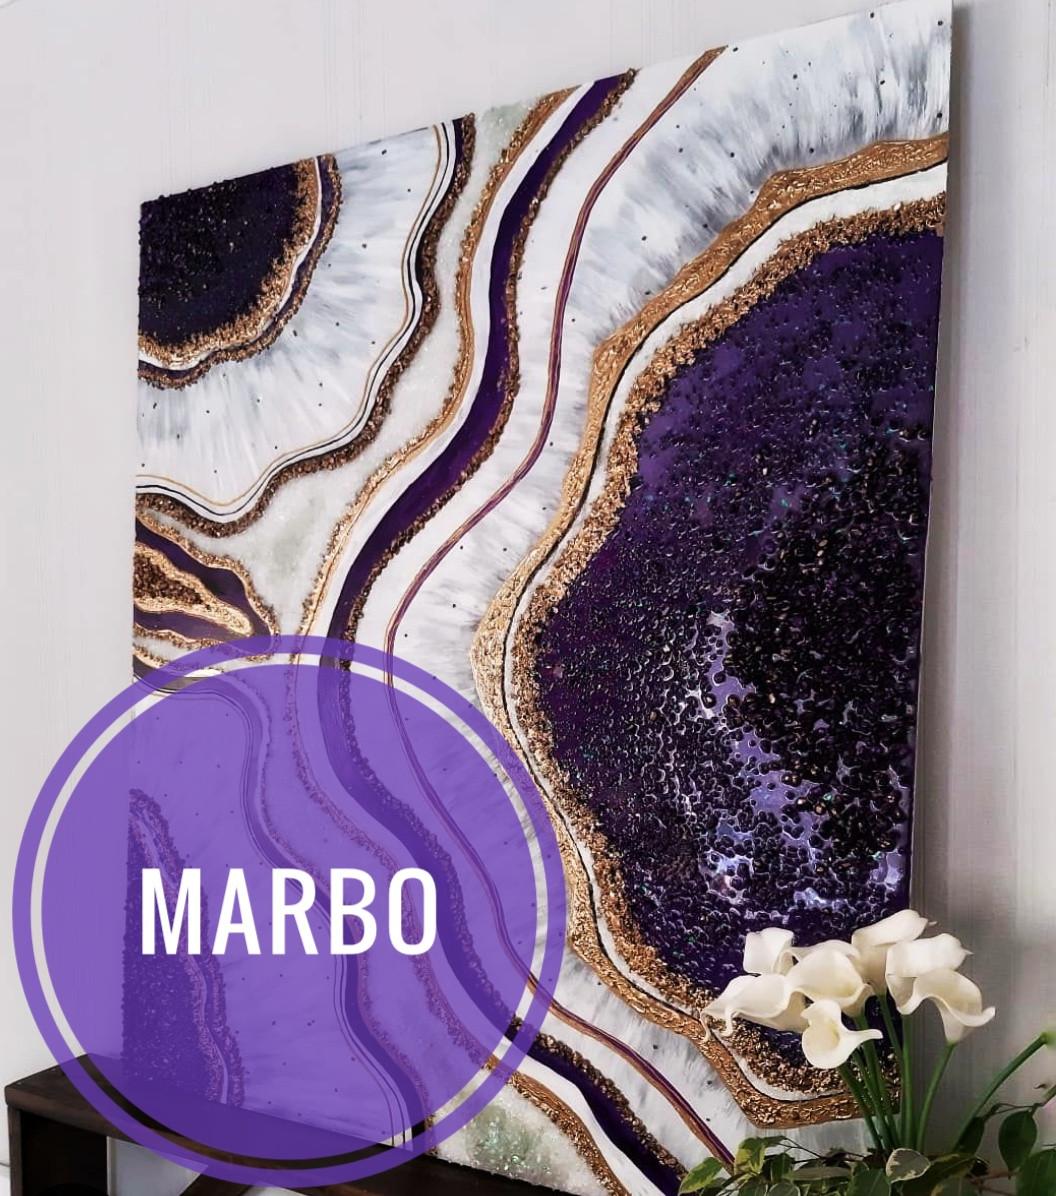 Вайолет краситель пигмент для смол Марбо Marbo (Италия), 15 мл, концентриров.